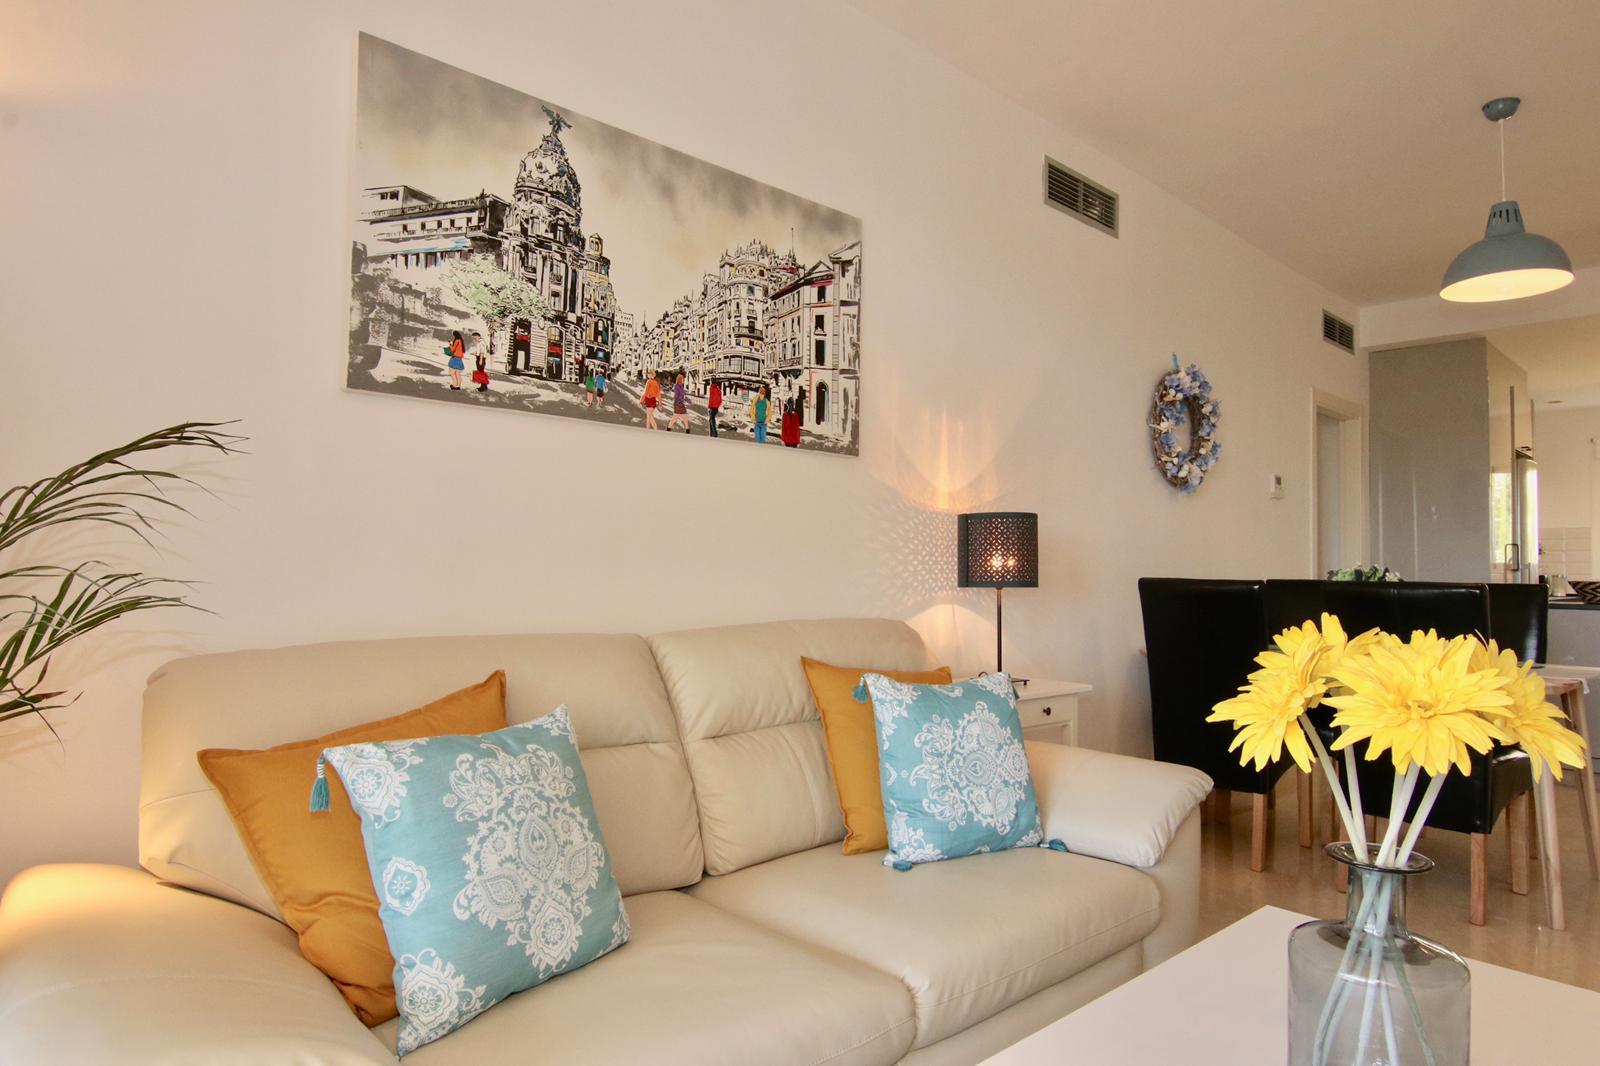 obývací pokoj s gaučem a obrazem na stěně a květinou ve váze na stole